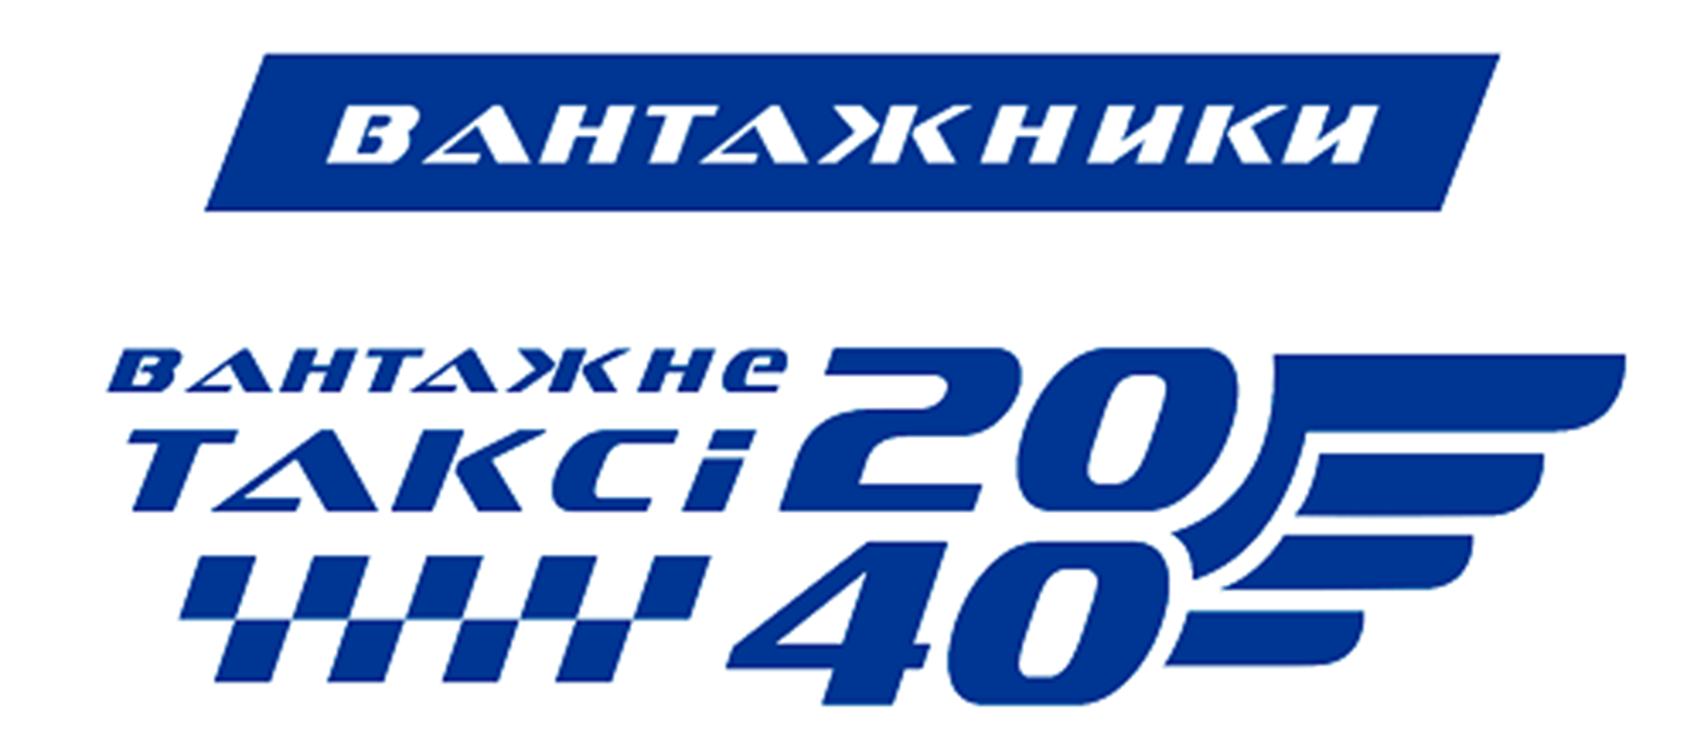 Швидке вантажне Таксі 2040 (Харків)